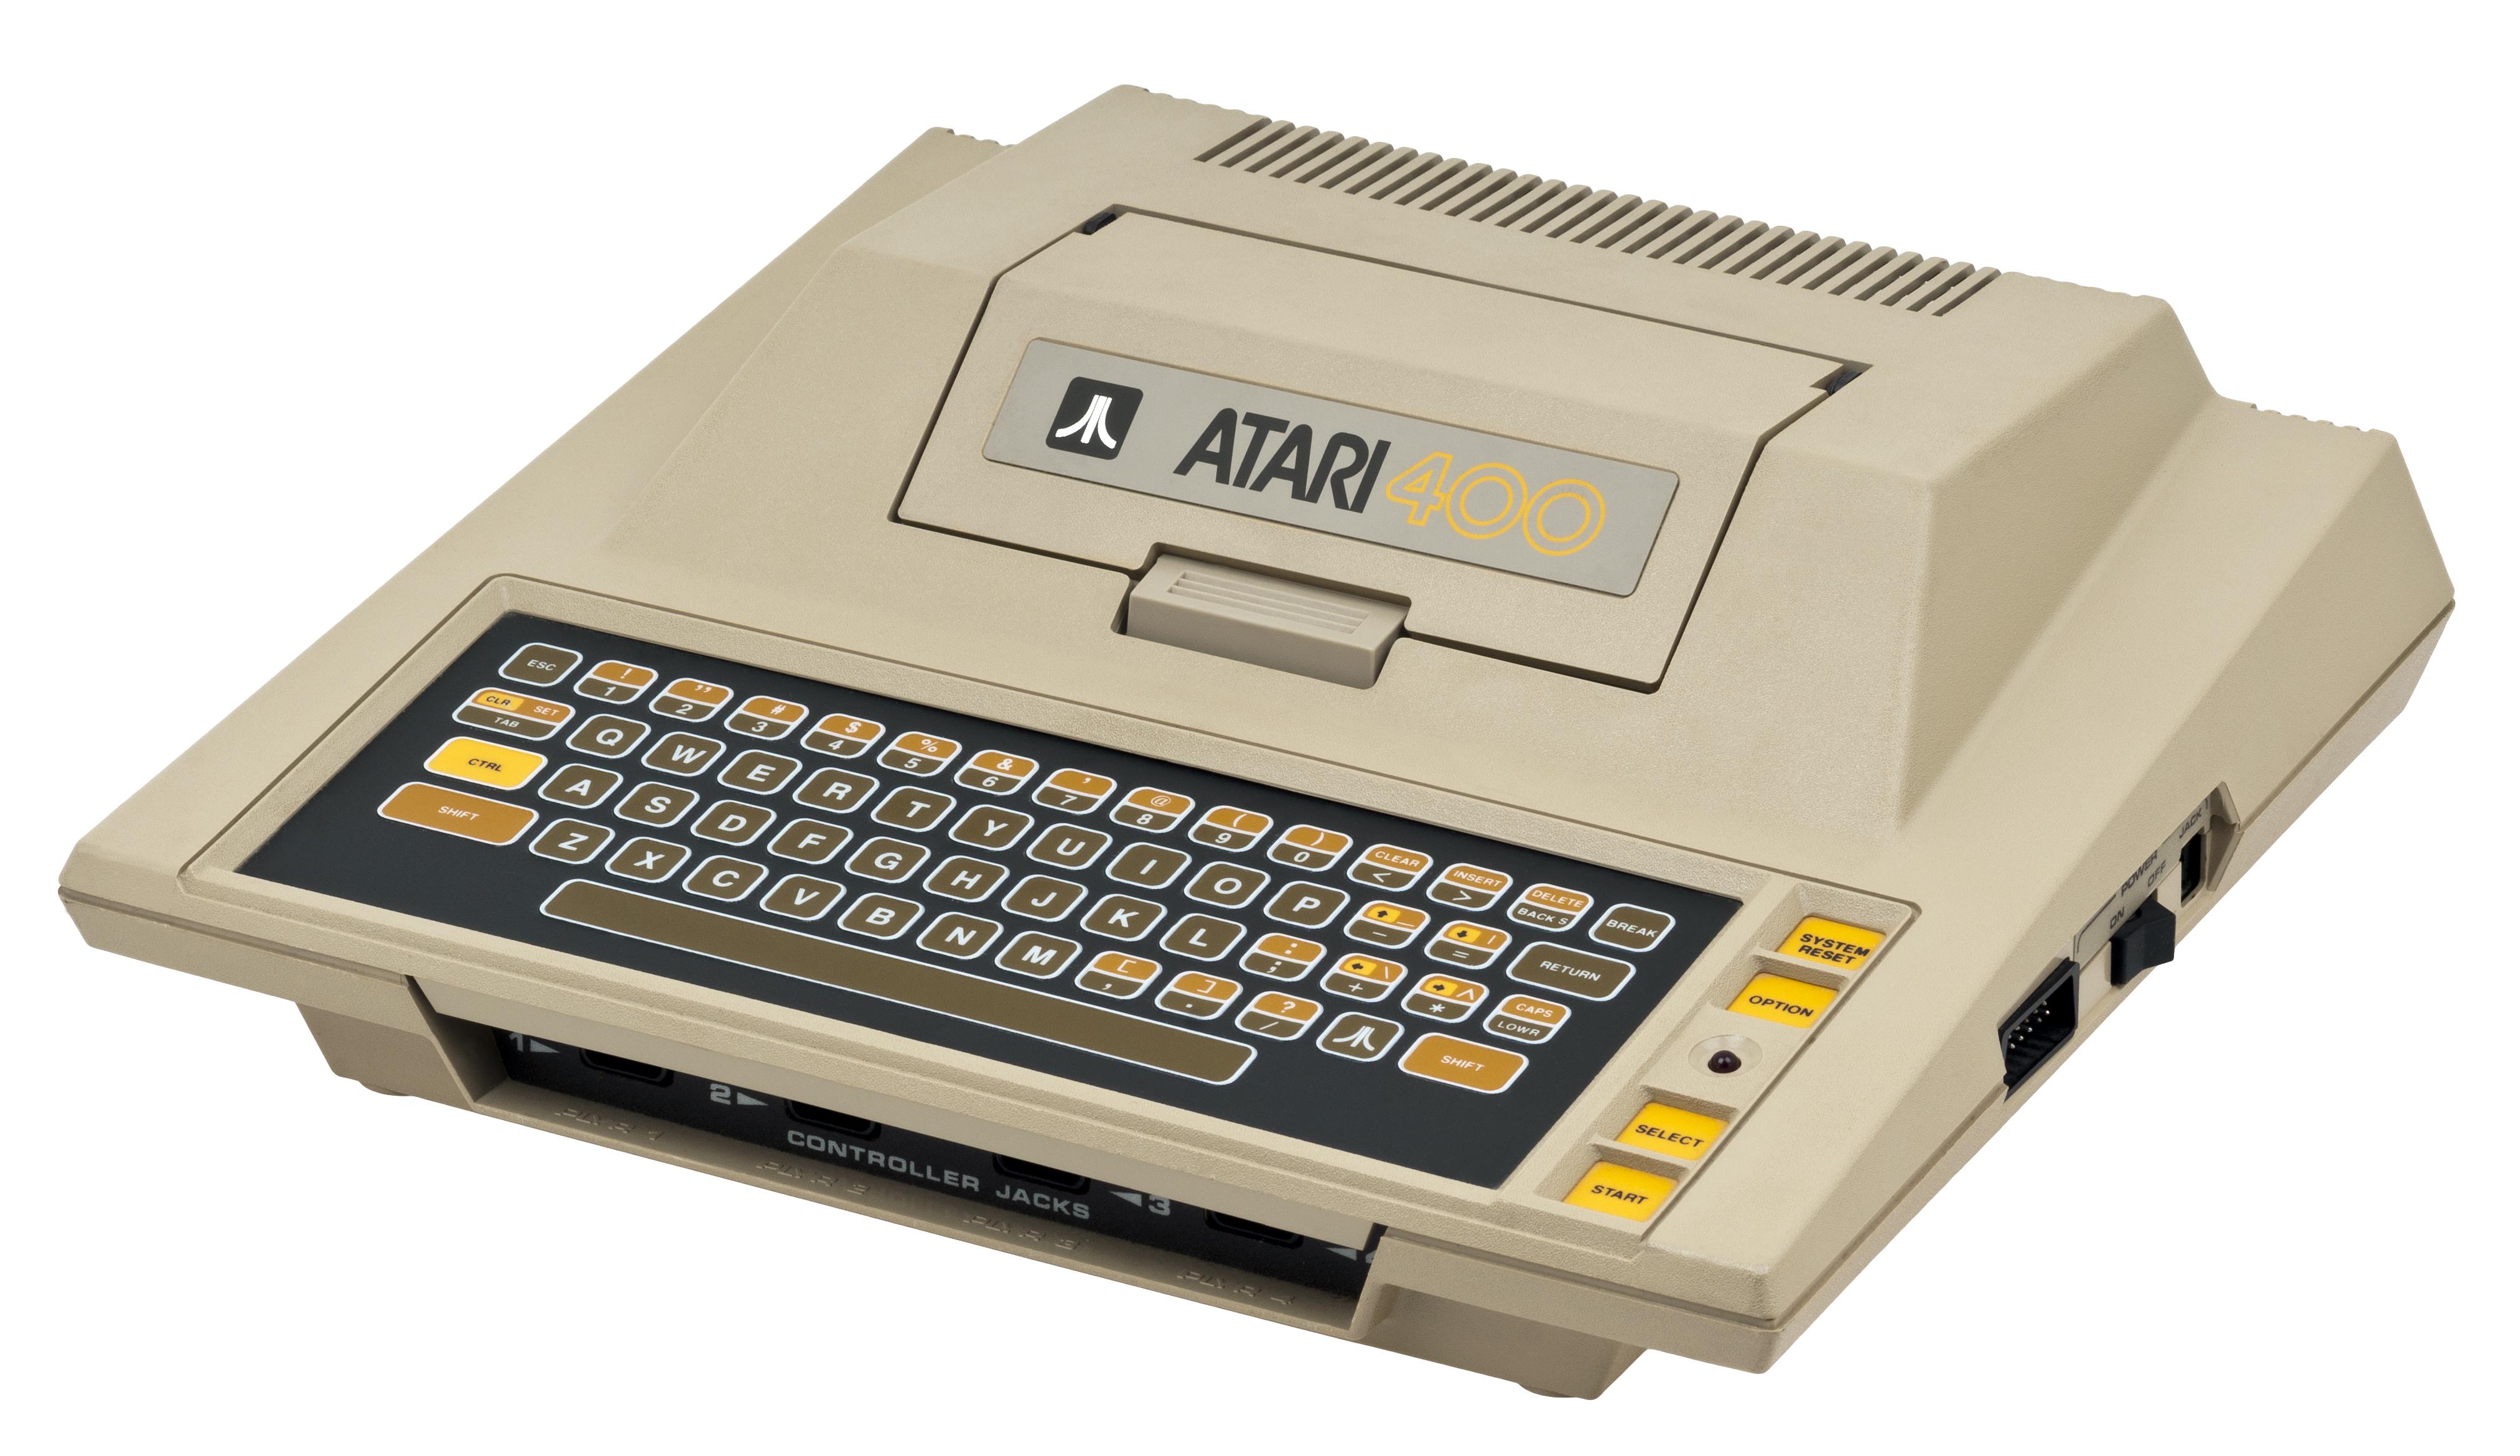 Посмотрите на эти ужасные клавиатуры 70-х и 80-х [Перевод]. - Изображение 6